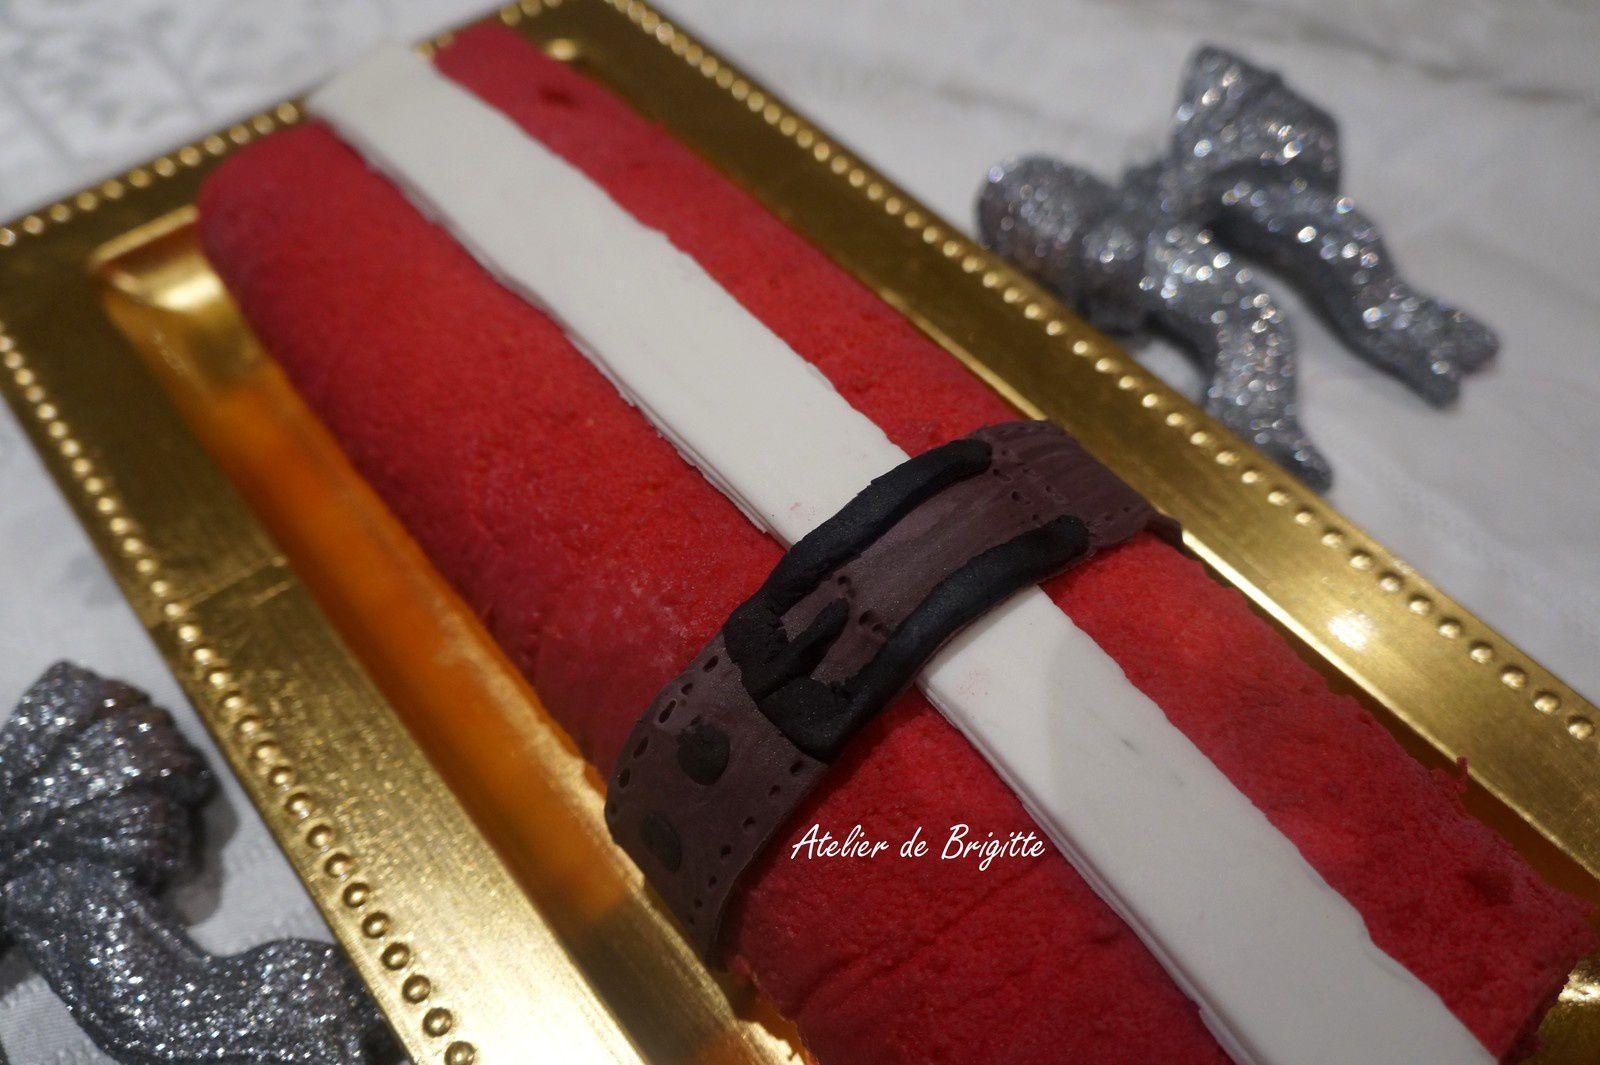 HÔ HÔ HÔ Bûche chocolat caramélia-clémentines